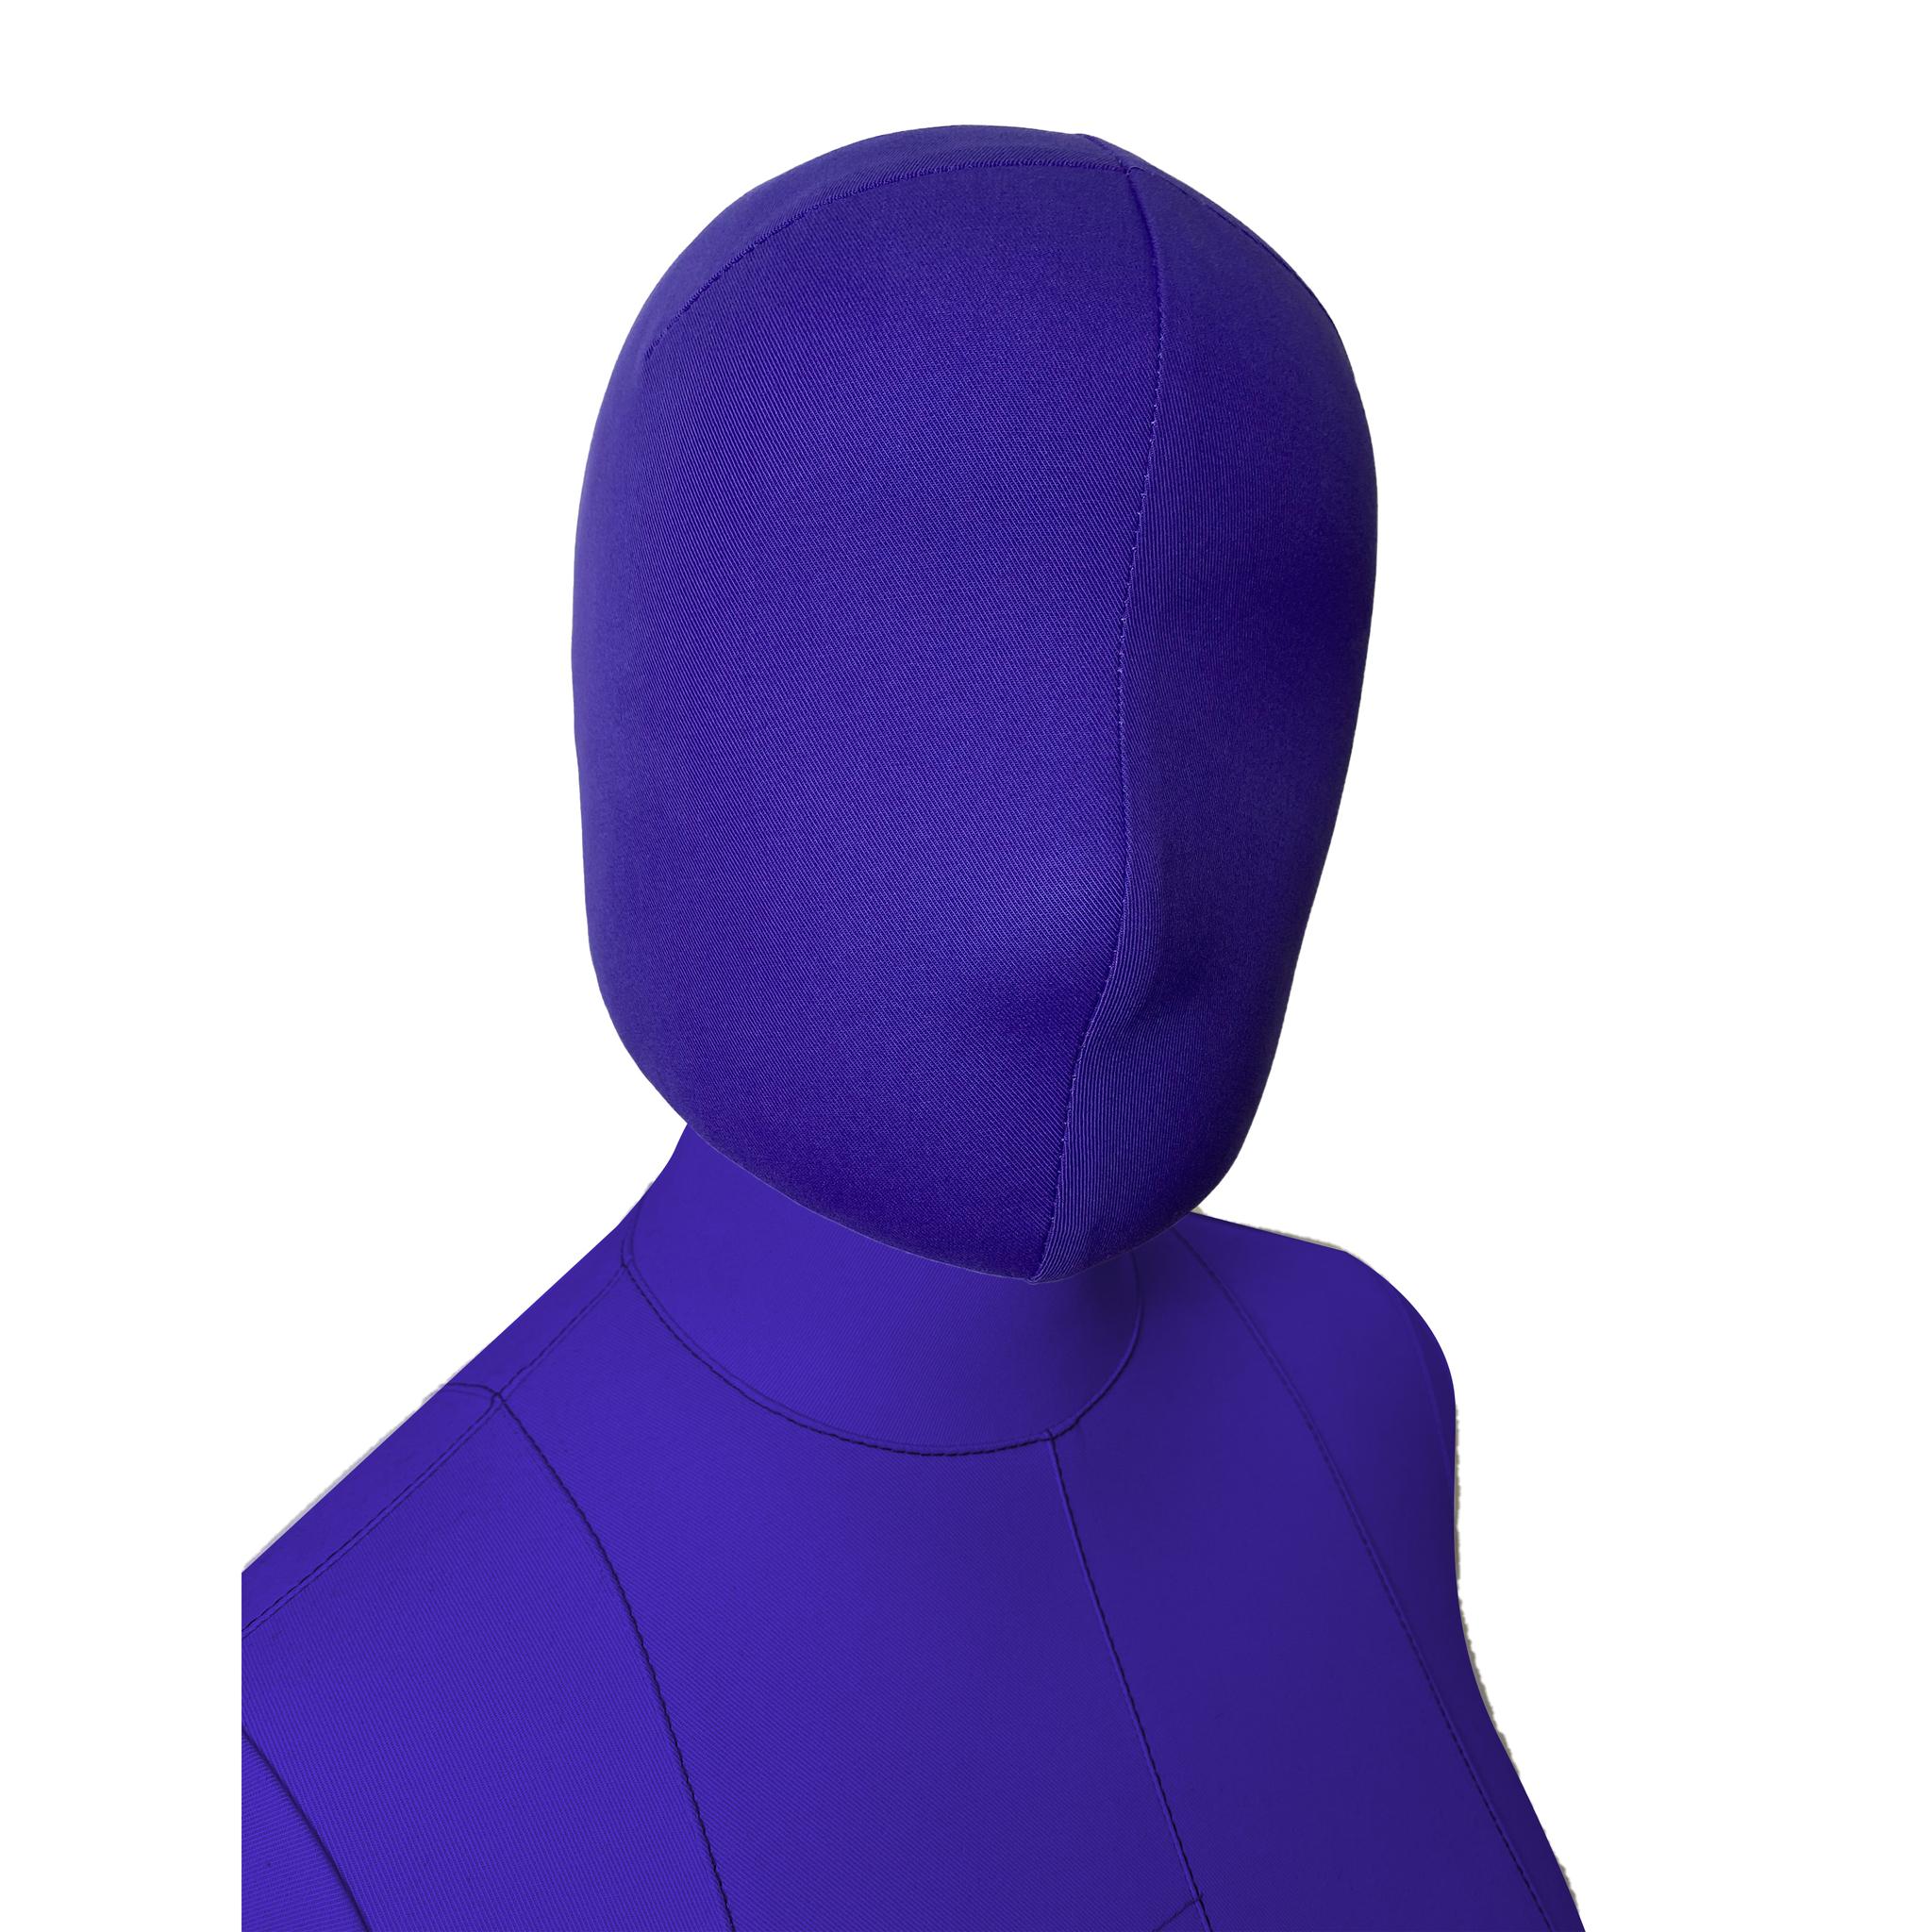 Голова 57см к манекену Моника Арт на магните, фиолетовая